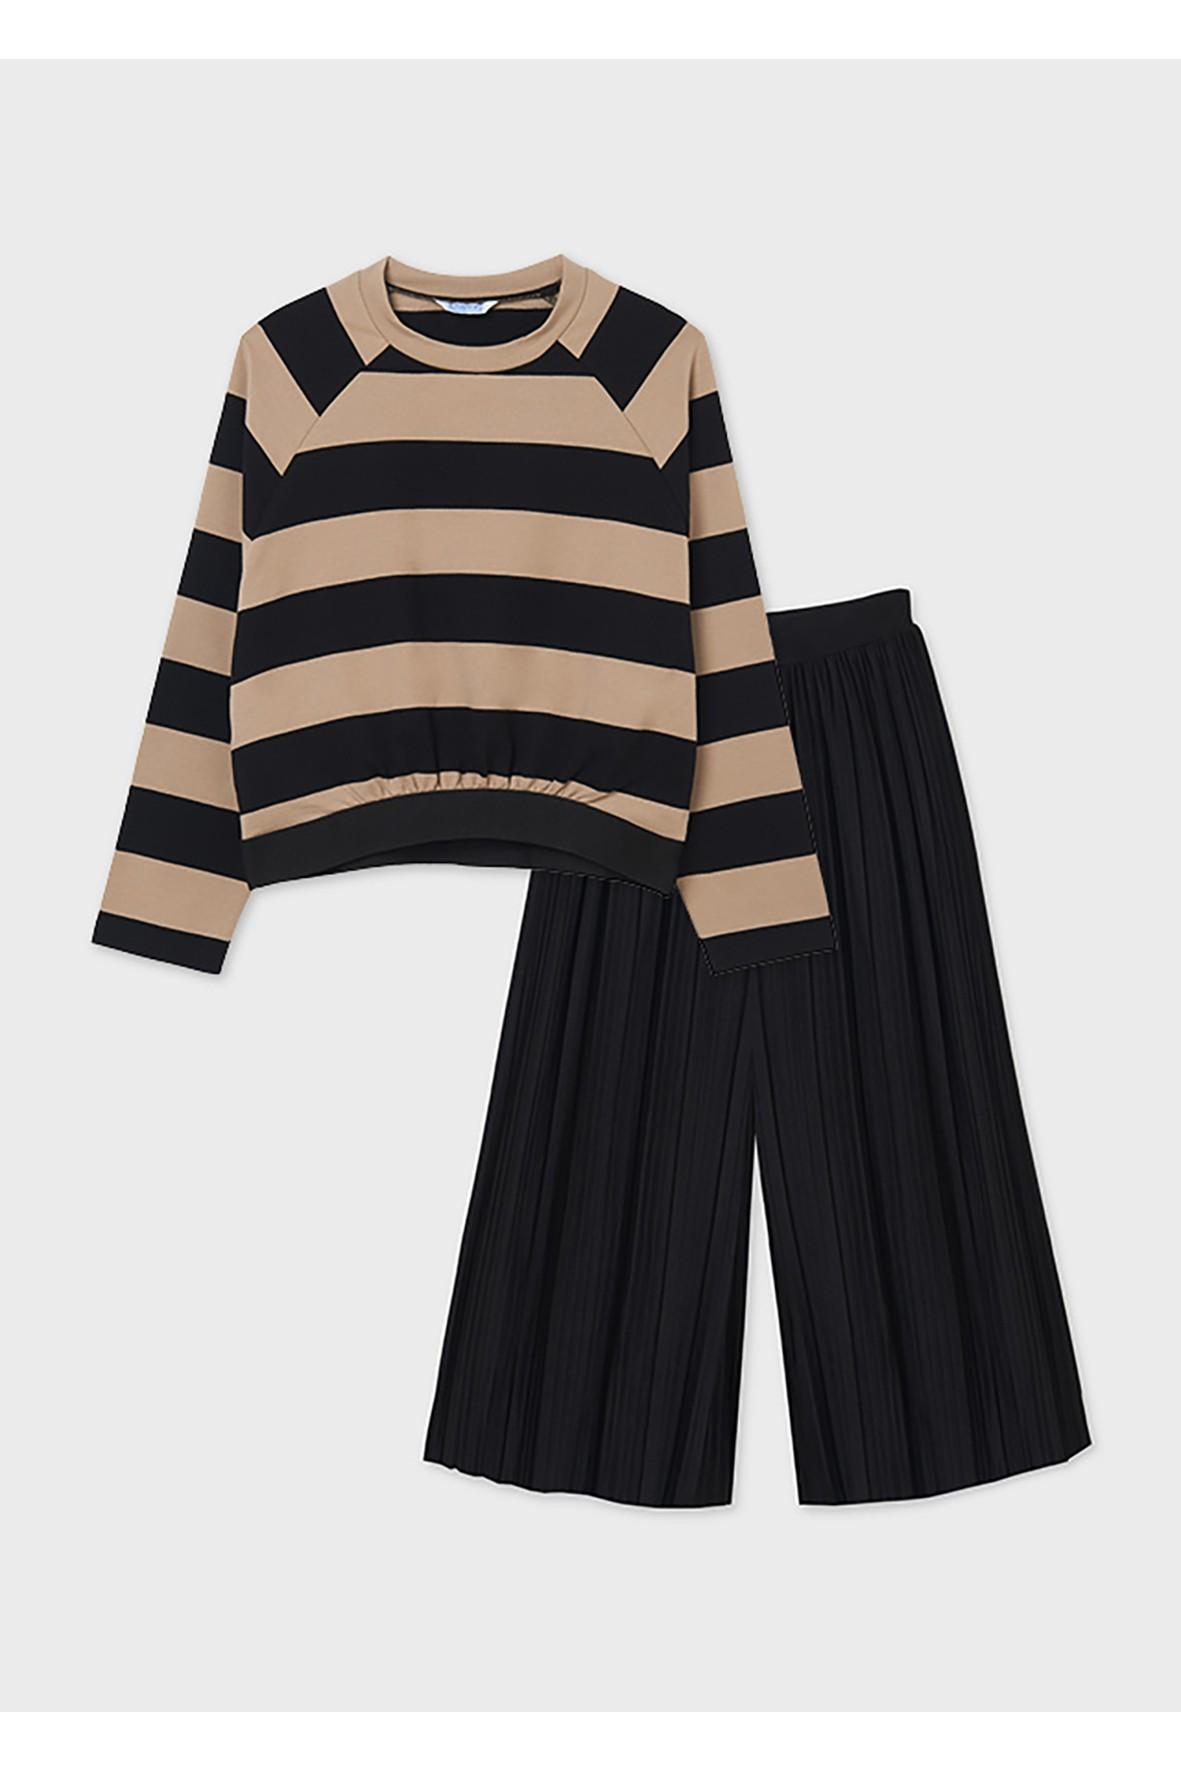 Komplet dziewczęcy - czarne kuloty i bluzka z długim rękawem w paski